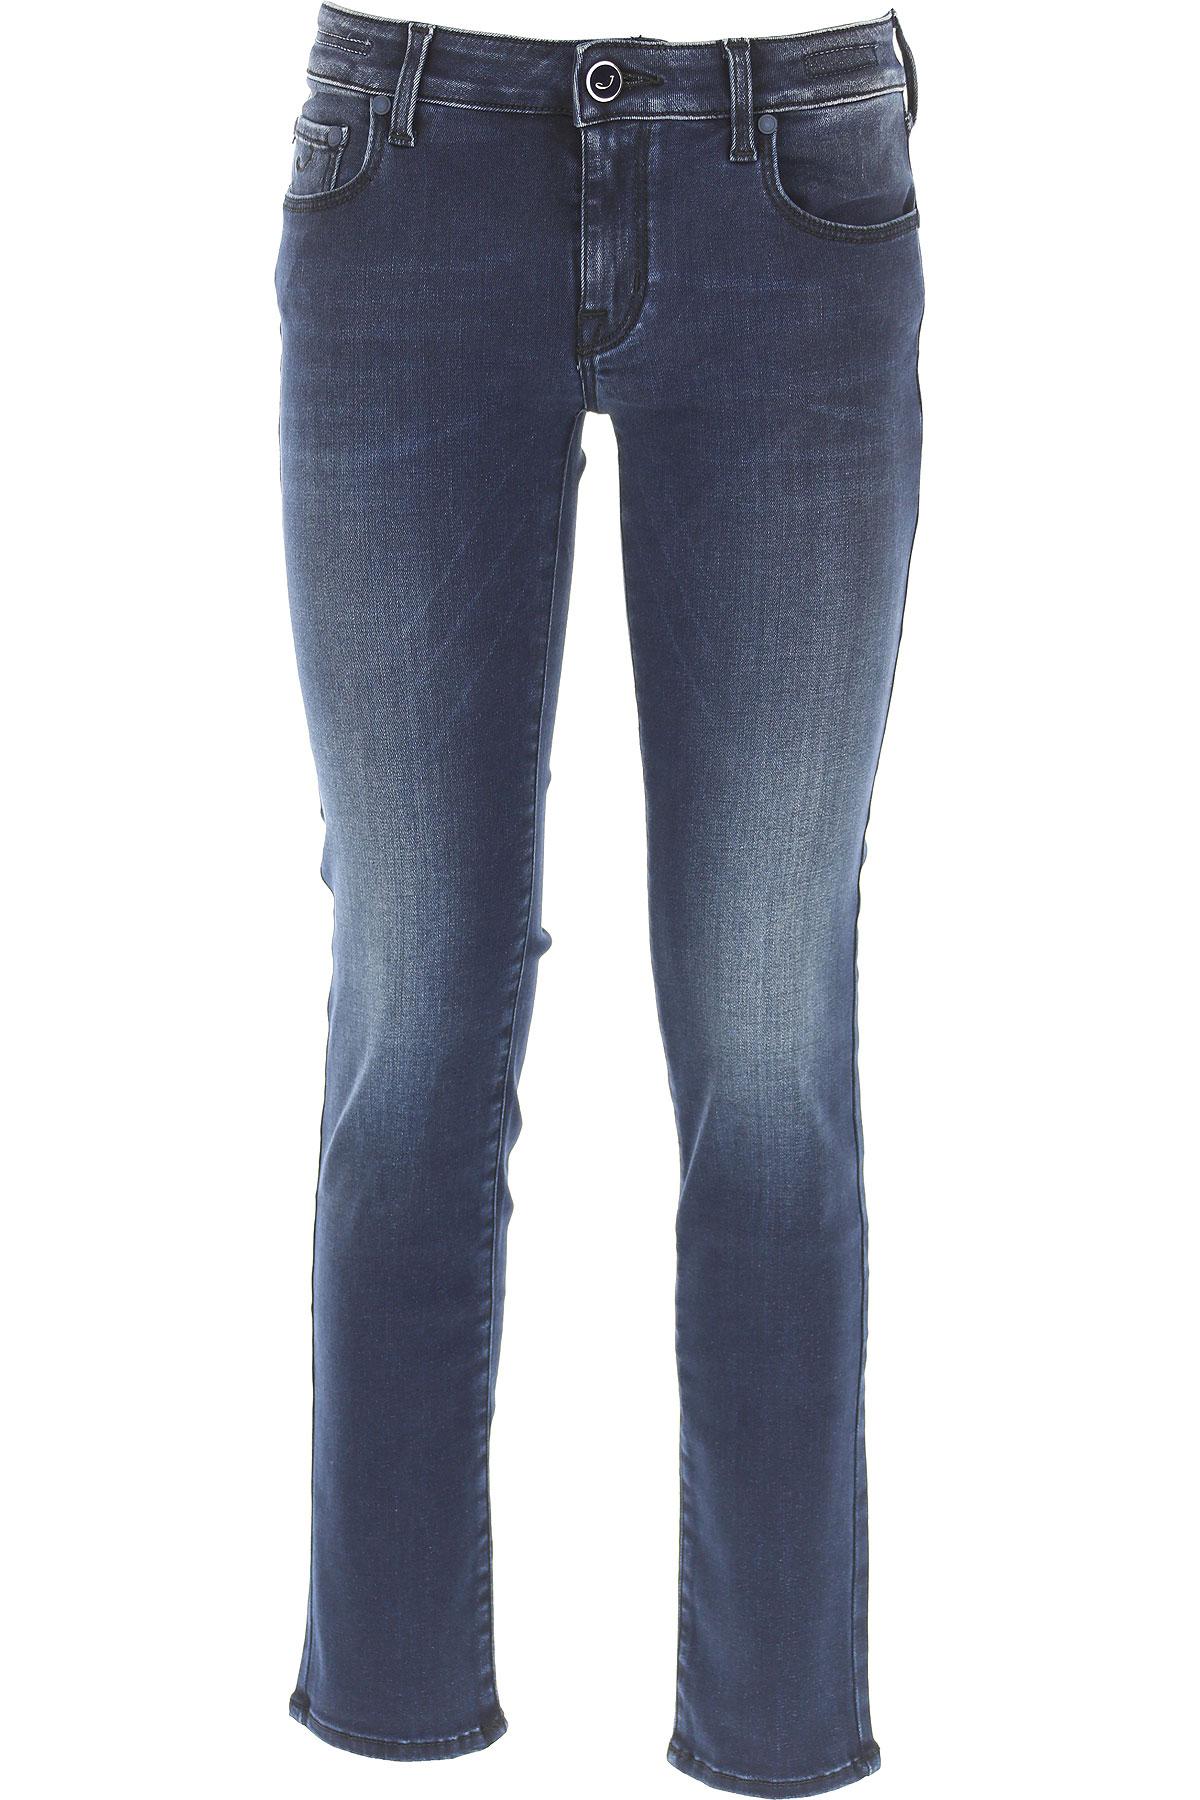 Jacob Cohen Jeans On Sale, Blue Denim, Cotton, 2017, 25 26 28 29 30 32